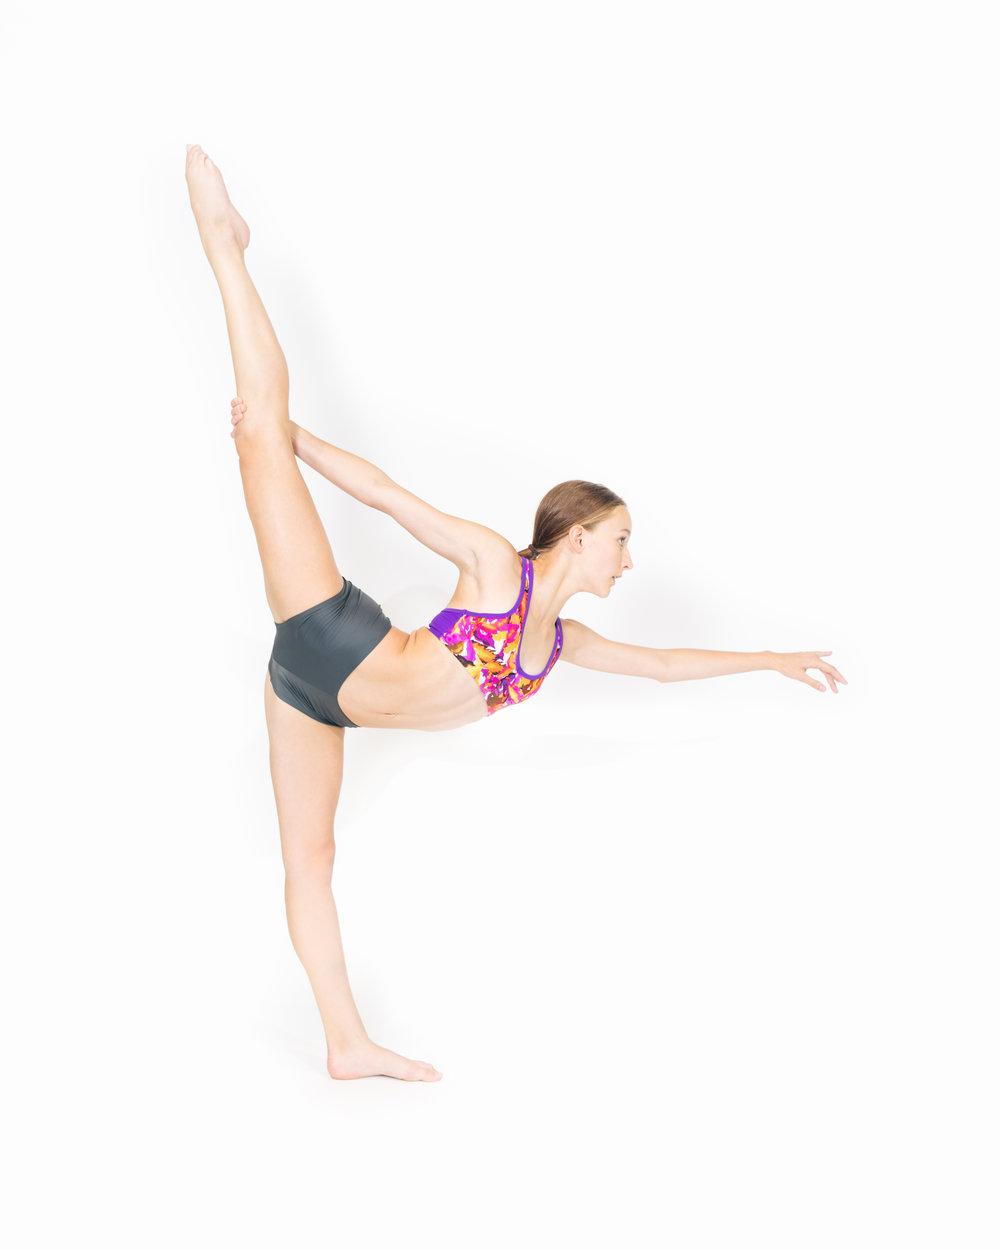 August 2017 Portland Dance Center Emma Devin 0G5A6449.jpg